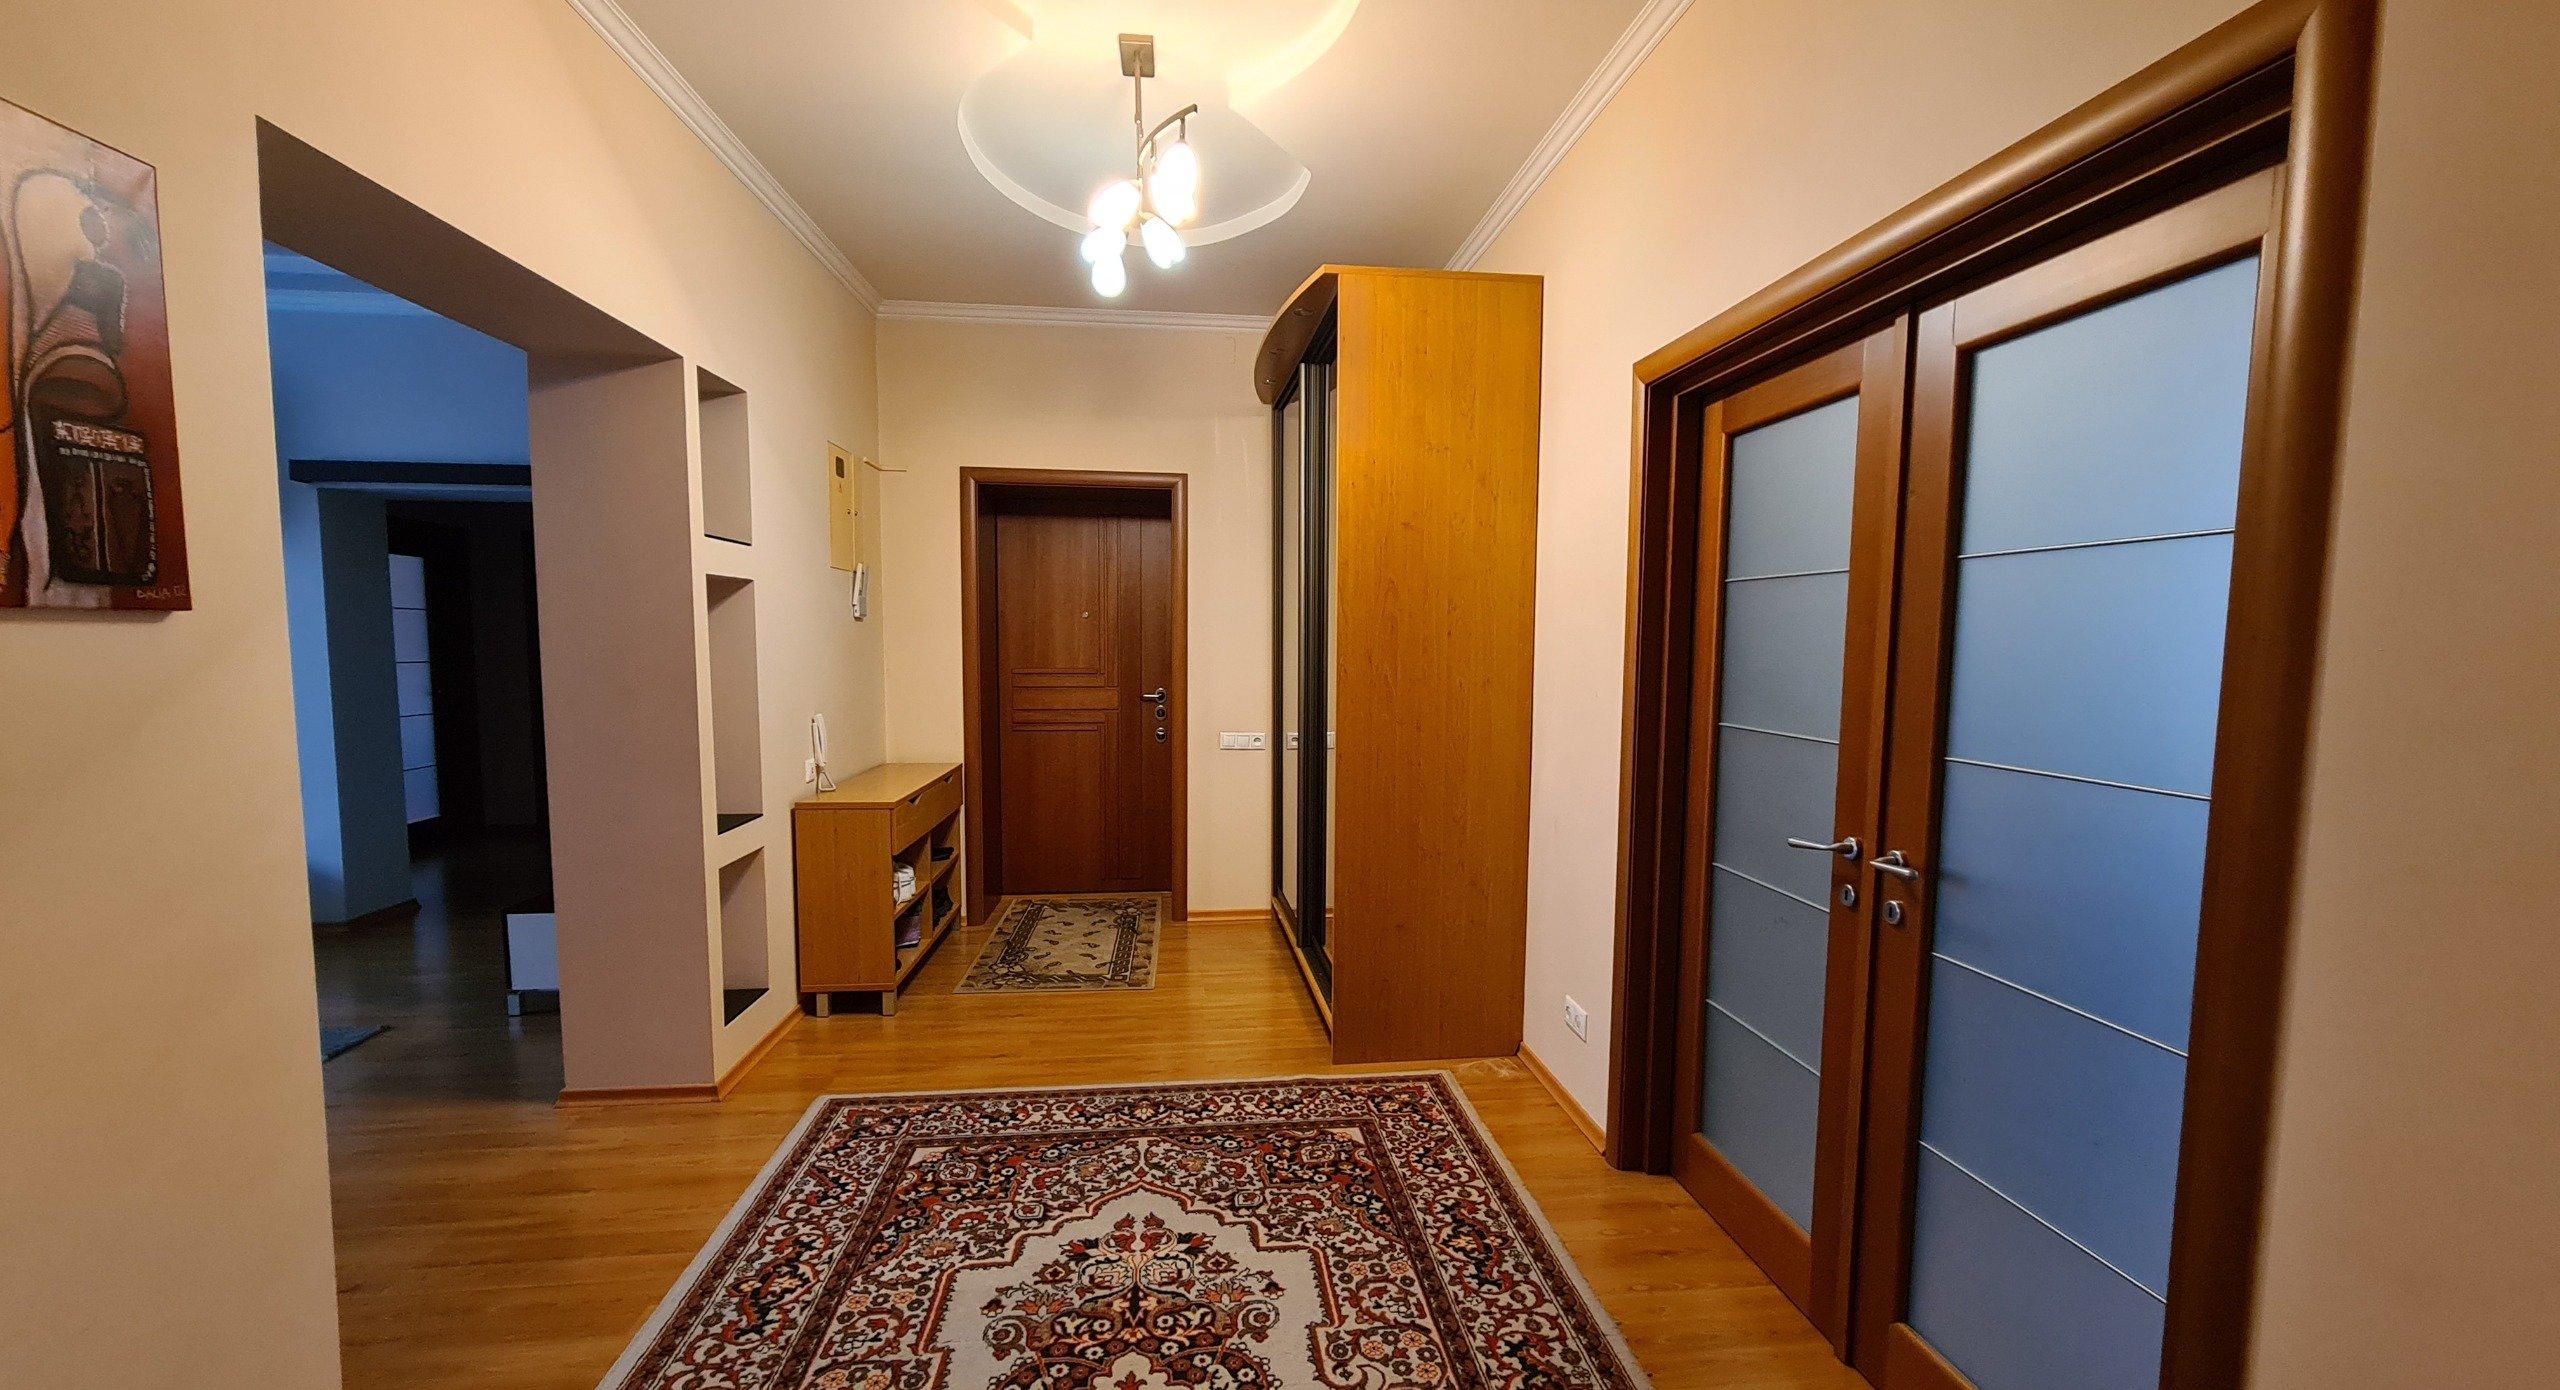 4к квартира ул Елены Стасовой, д 25 | 70000 | аренда в Красноярске фото 6